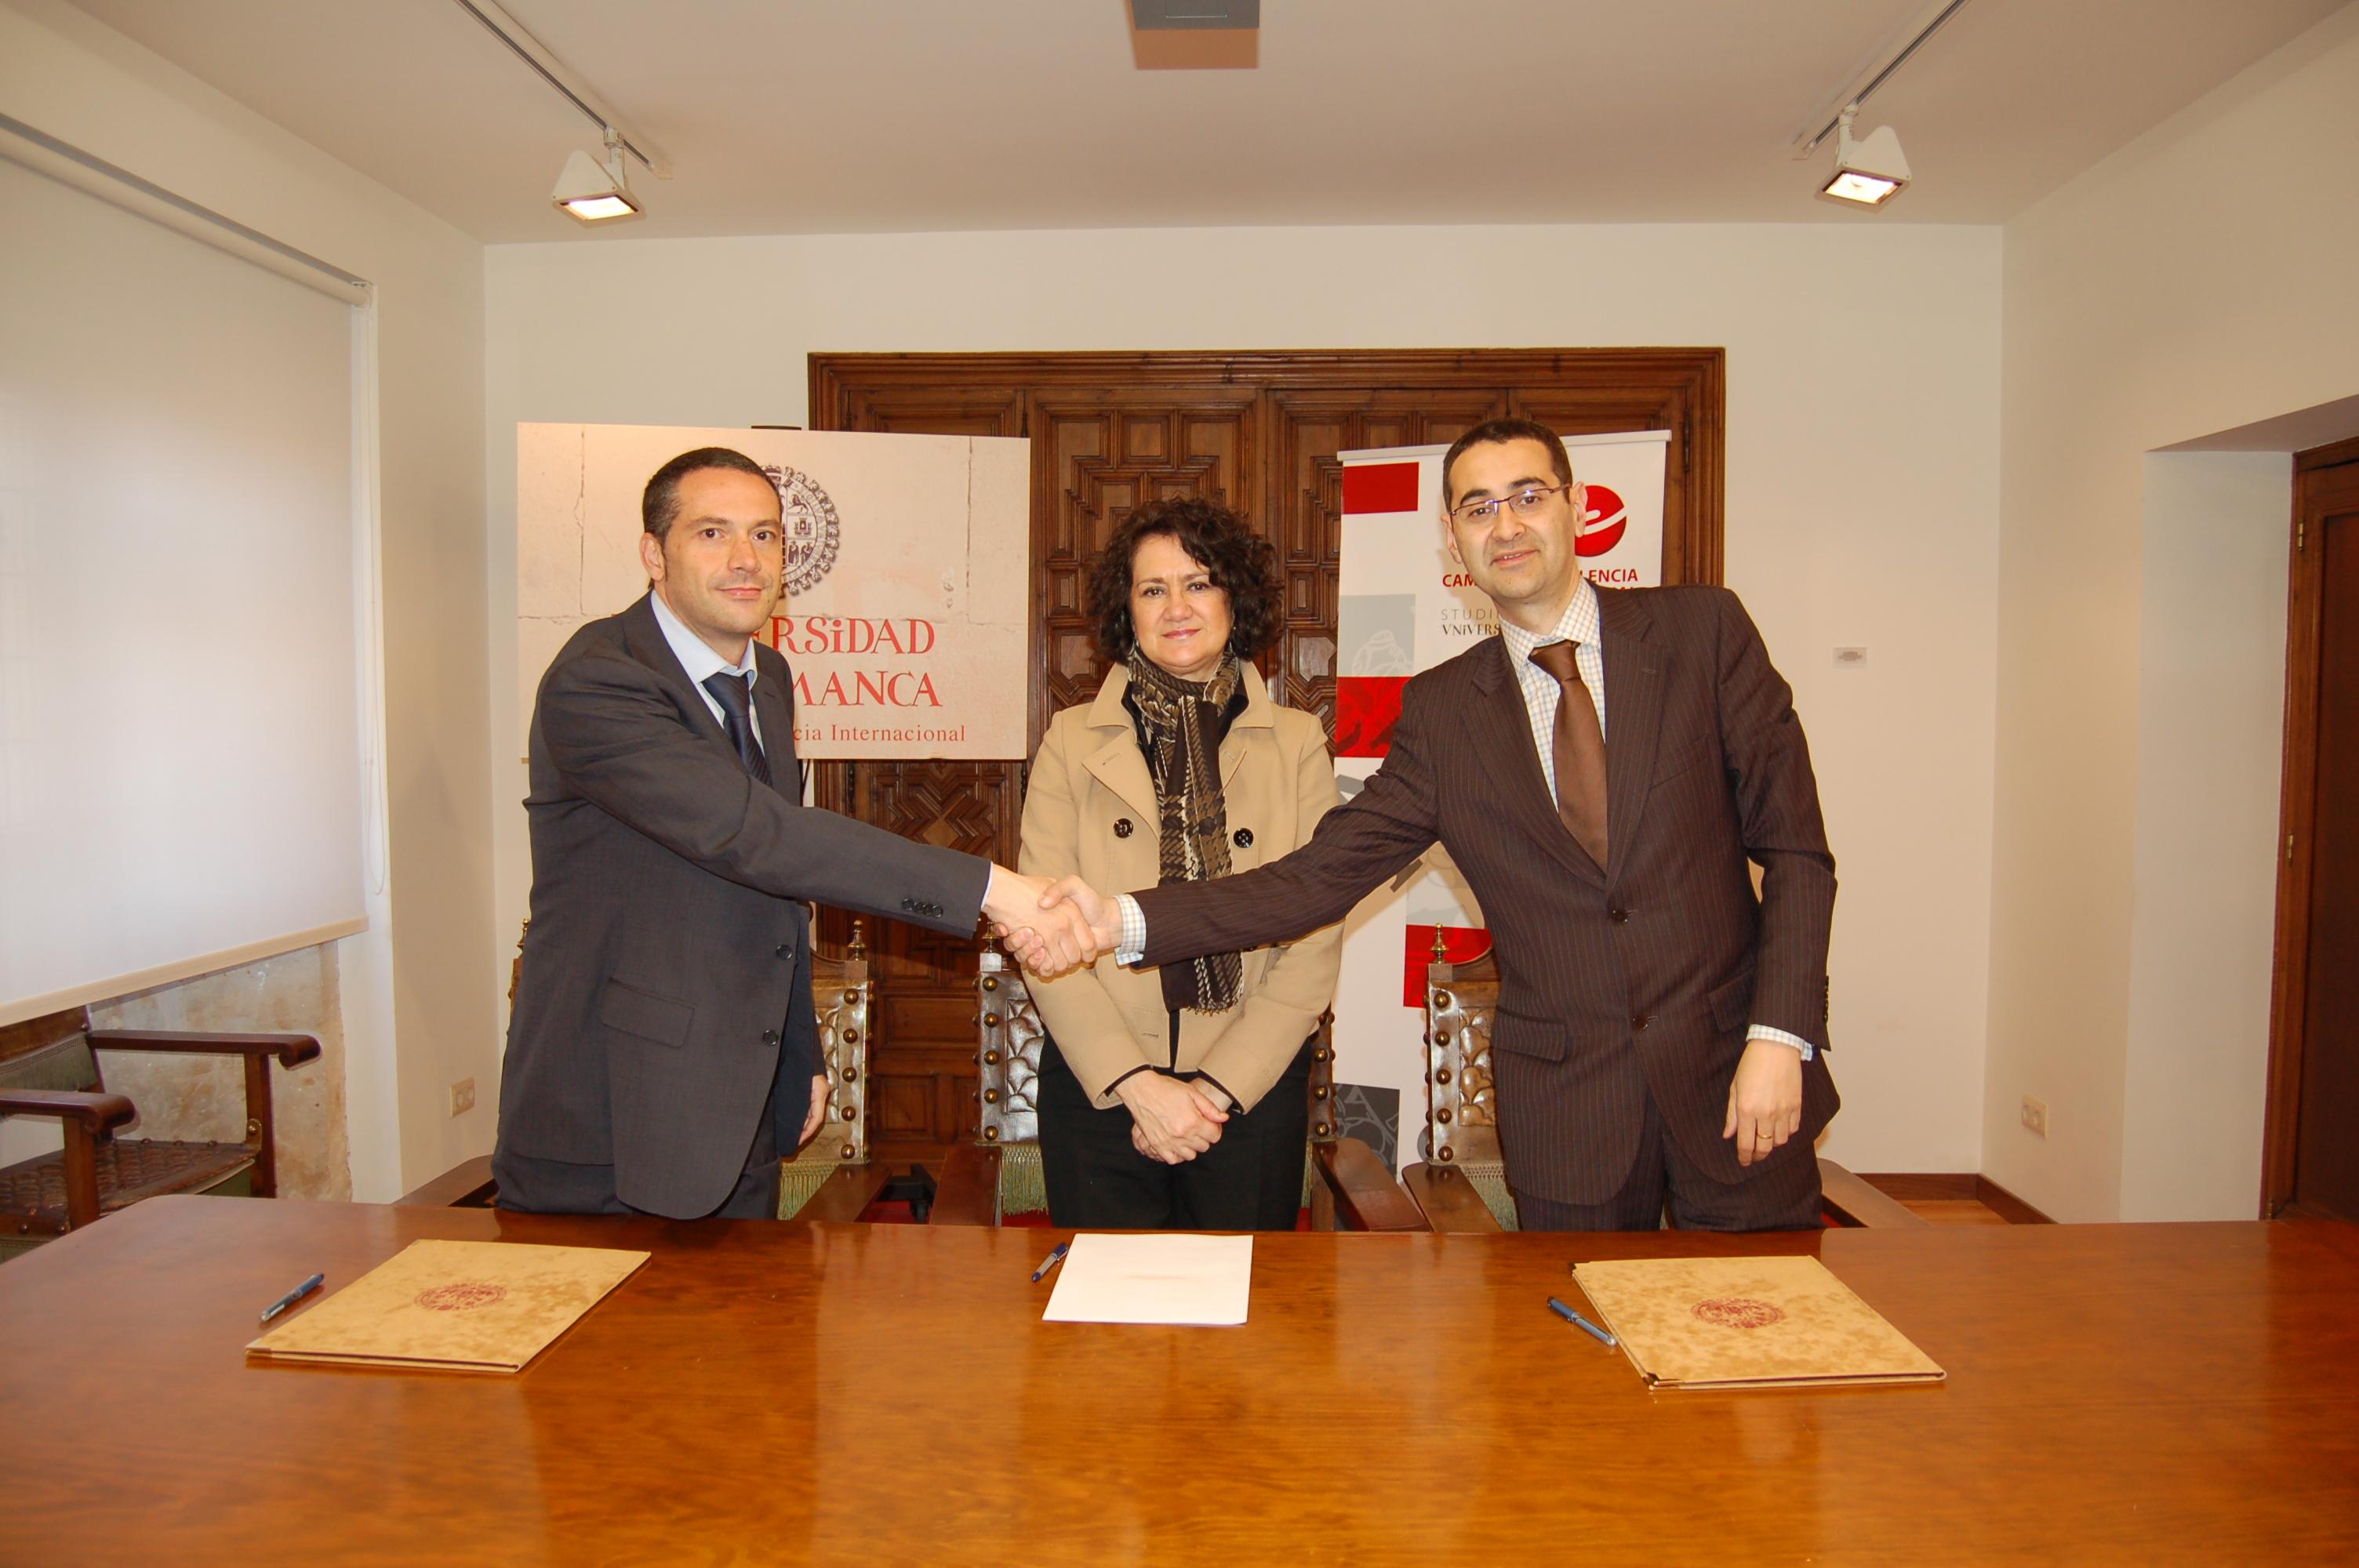 La Universidad de Salamanca suscribe un convenio de colaboración con la empresa Idimás Gestión